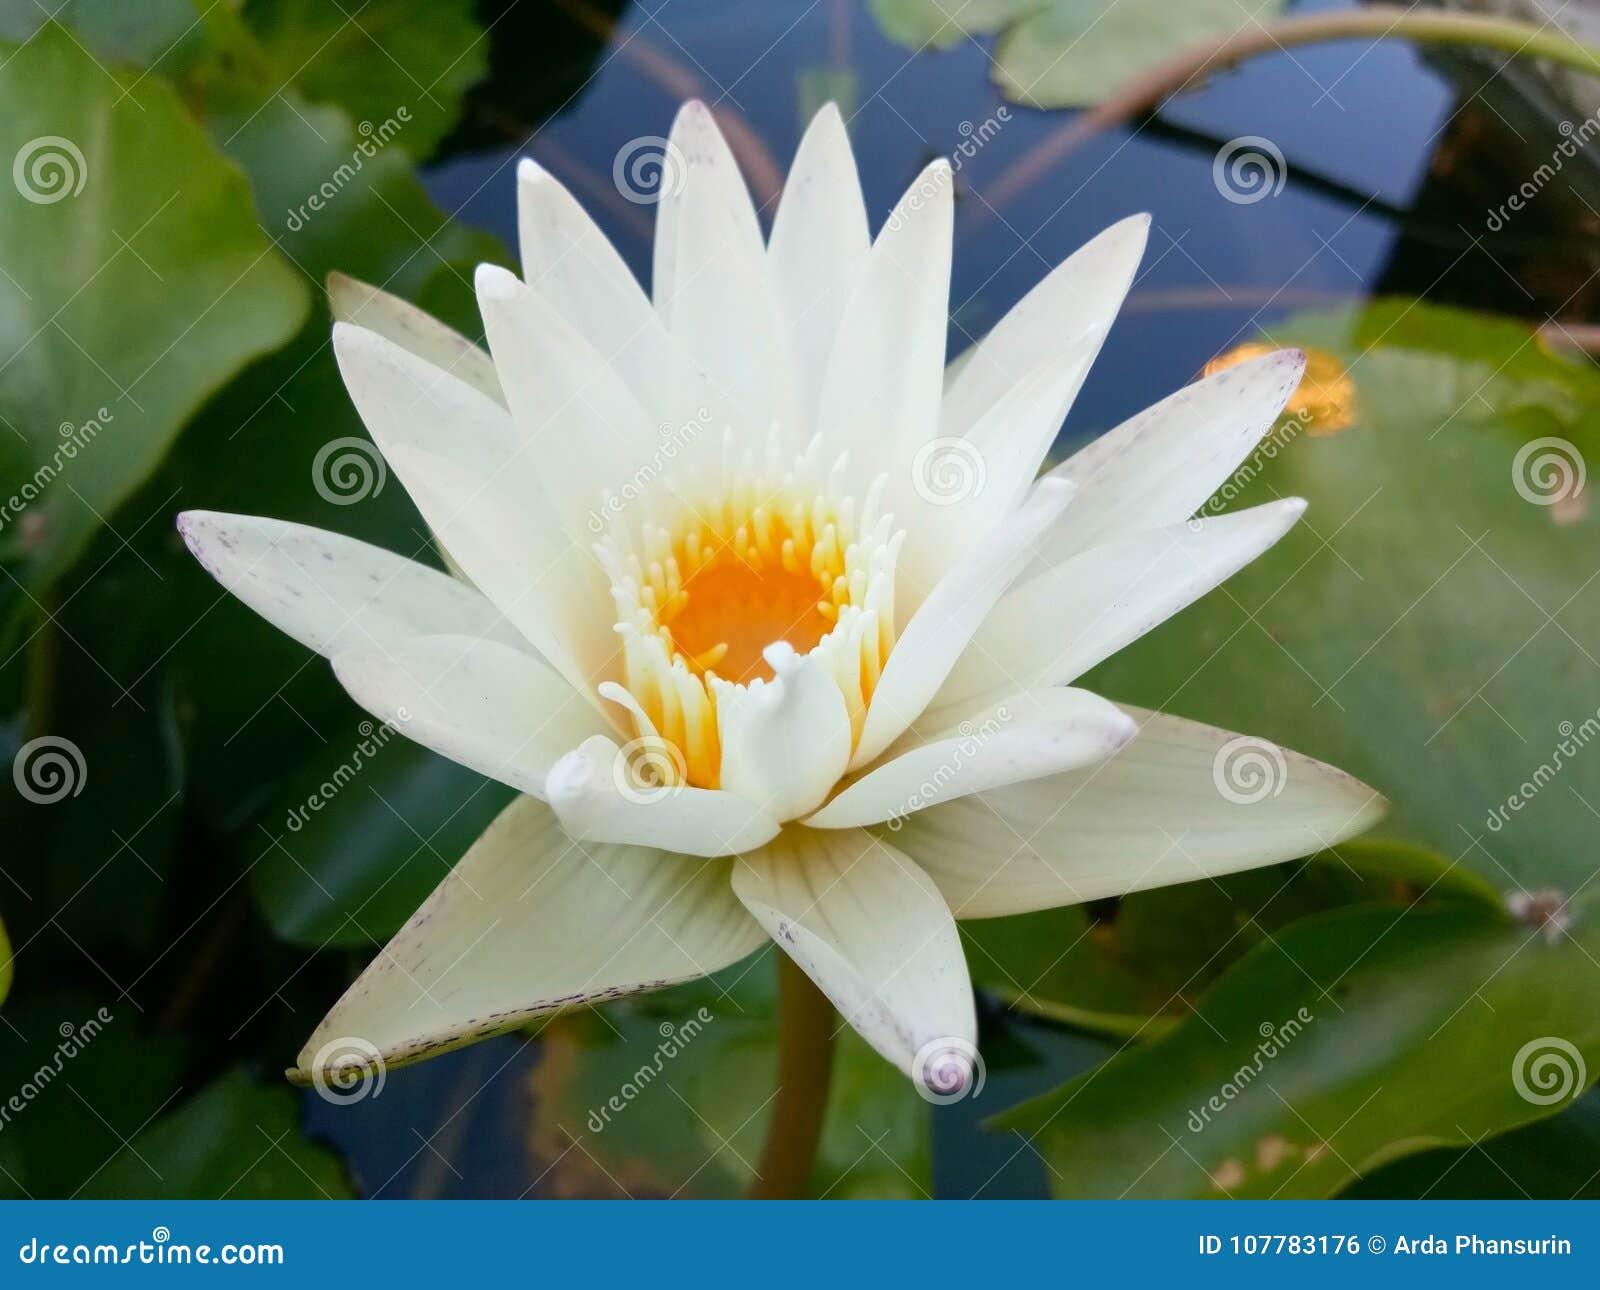 De witte lotusbloem van de stroomversnellinglelie!